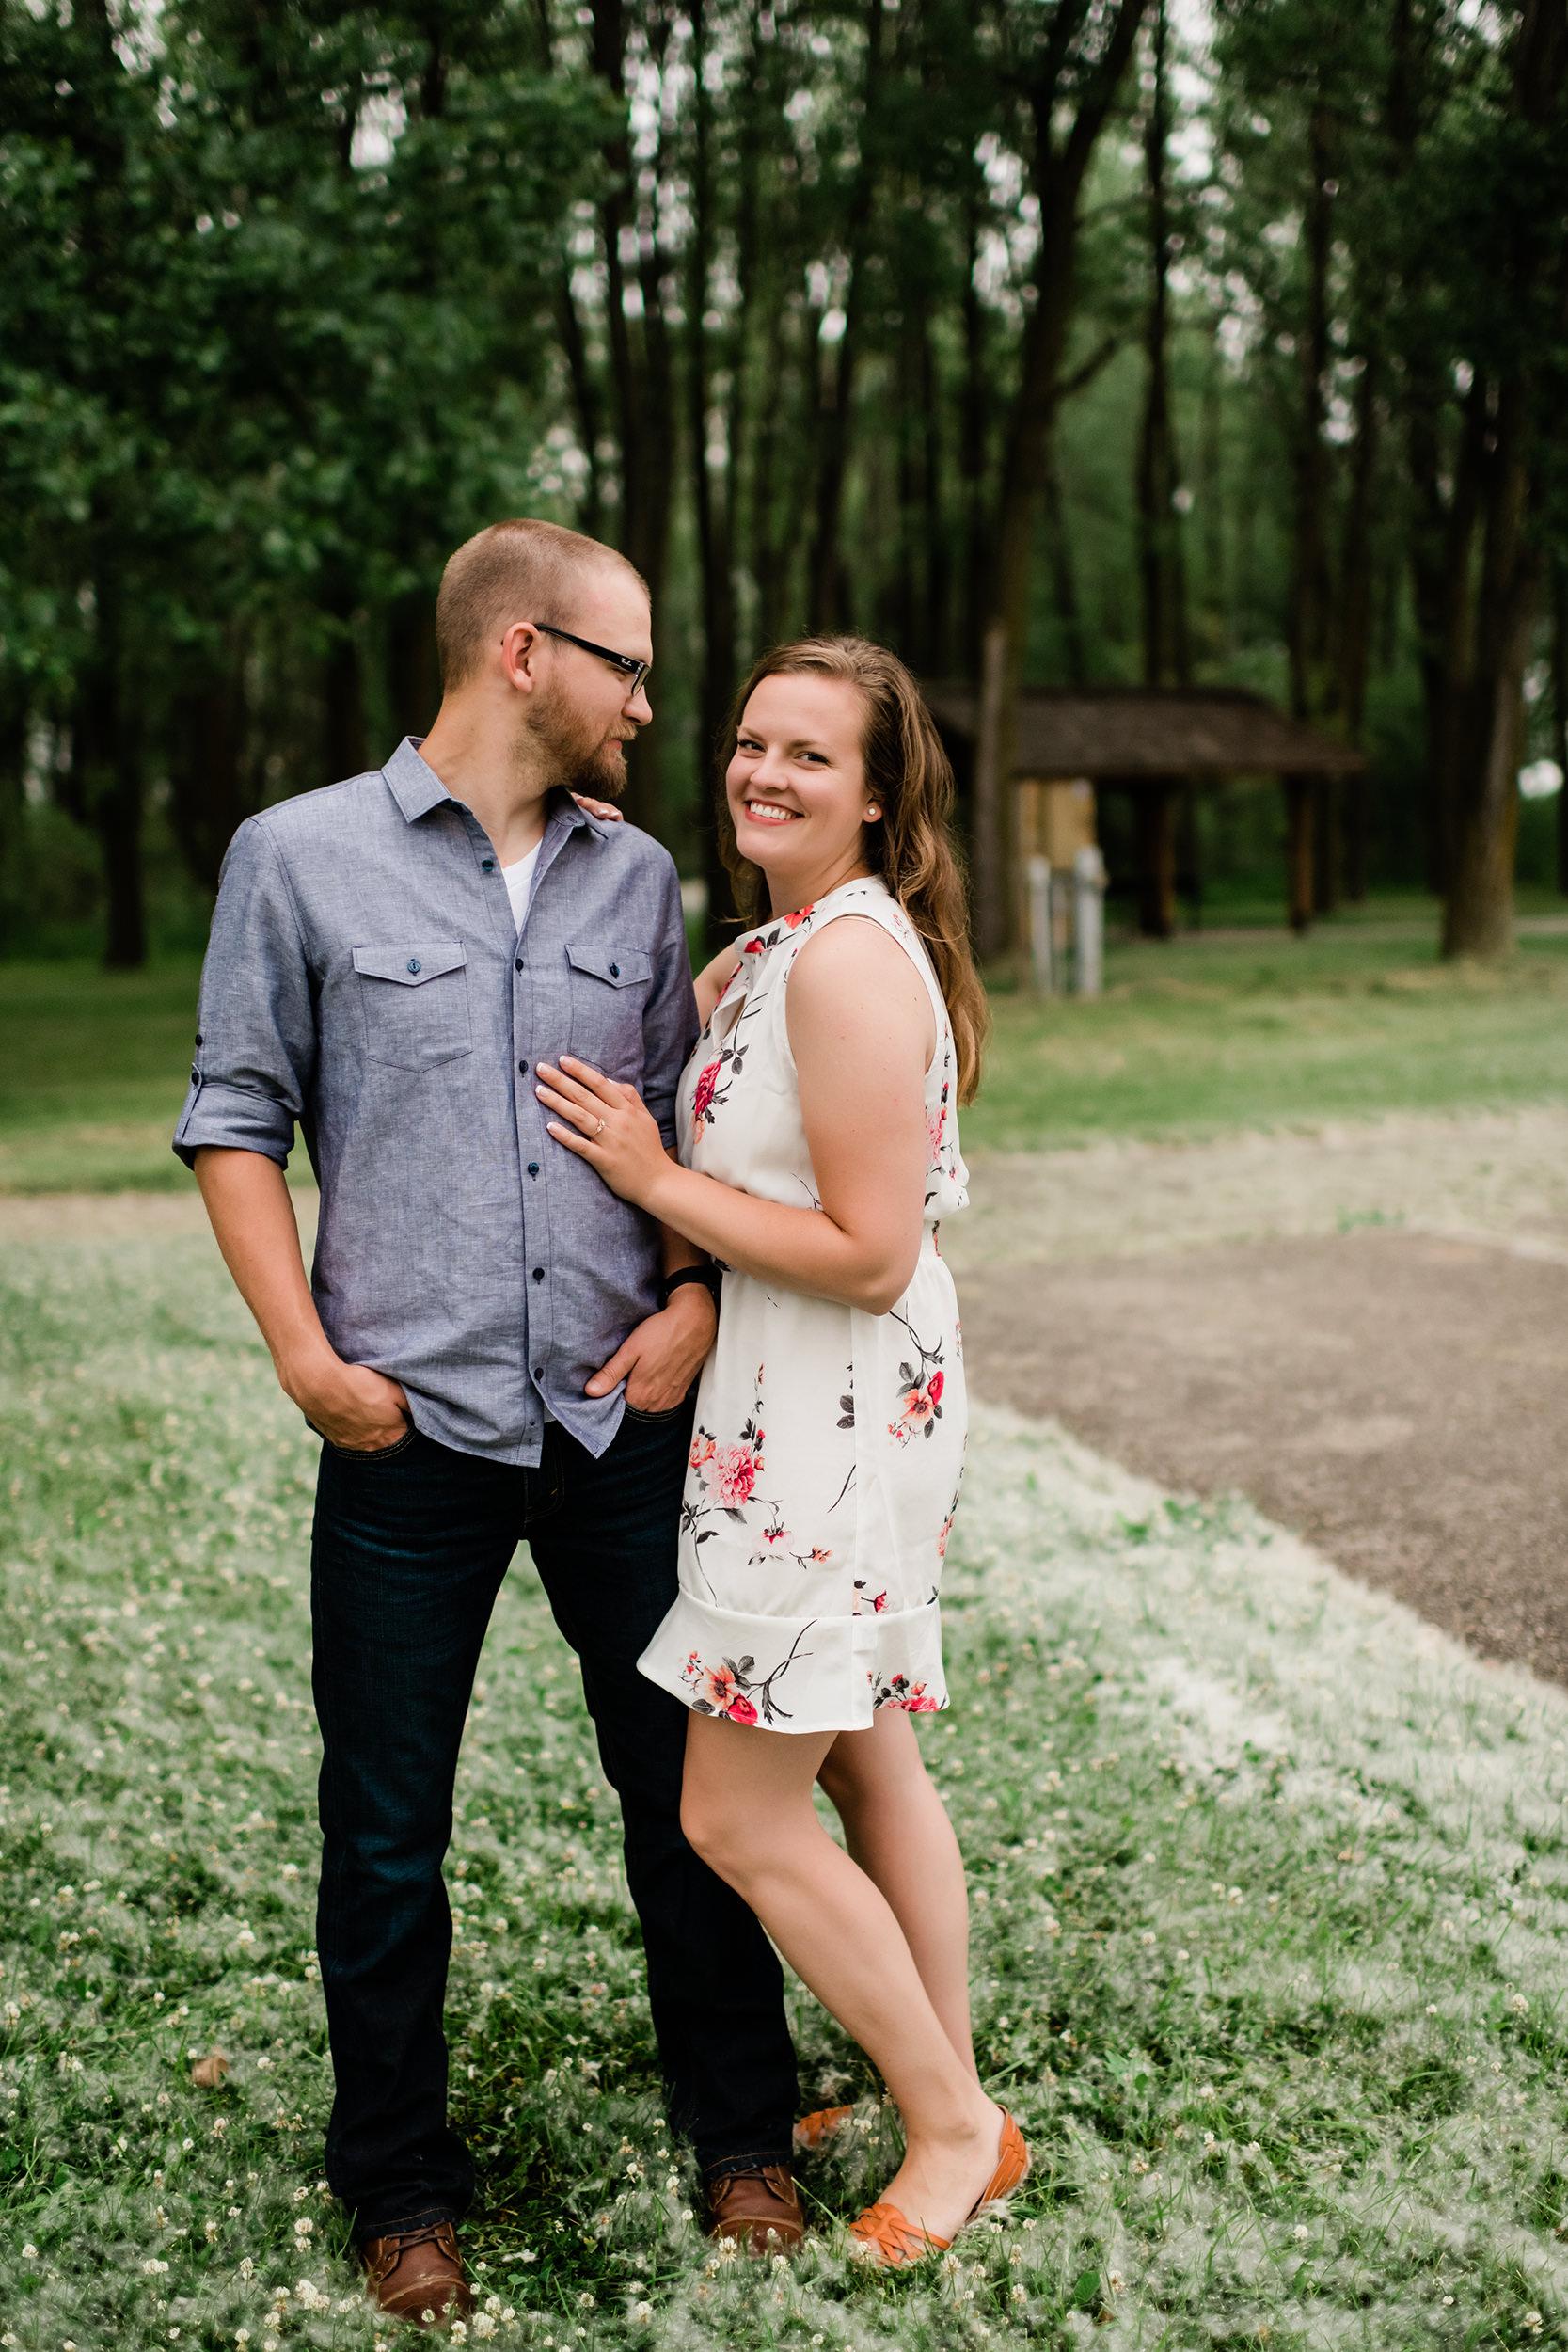 Man admiring his fiancé